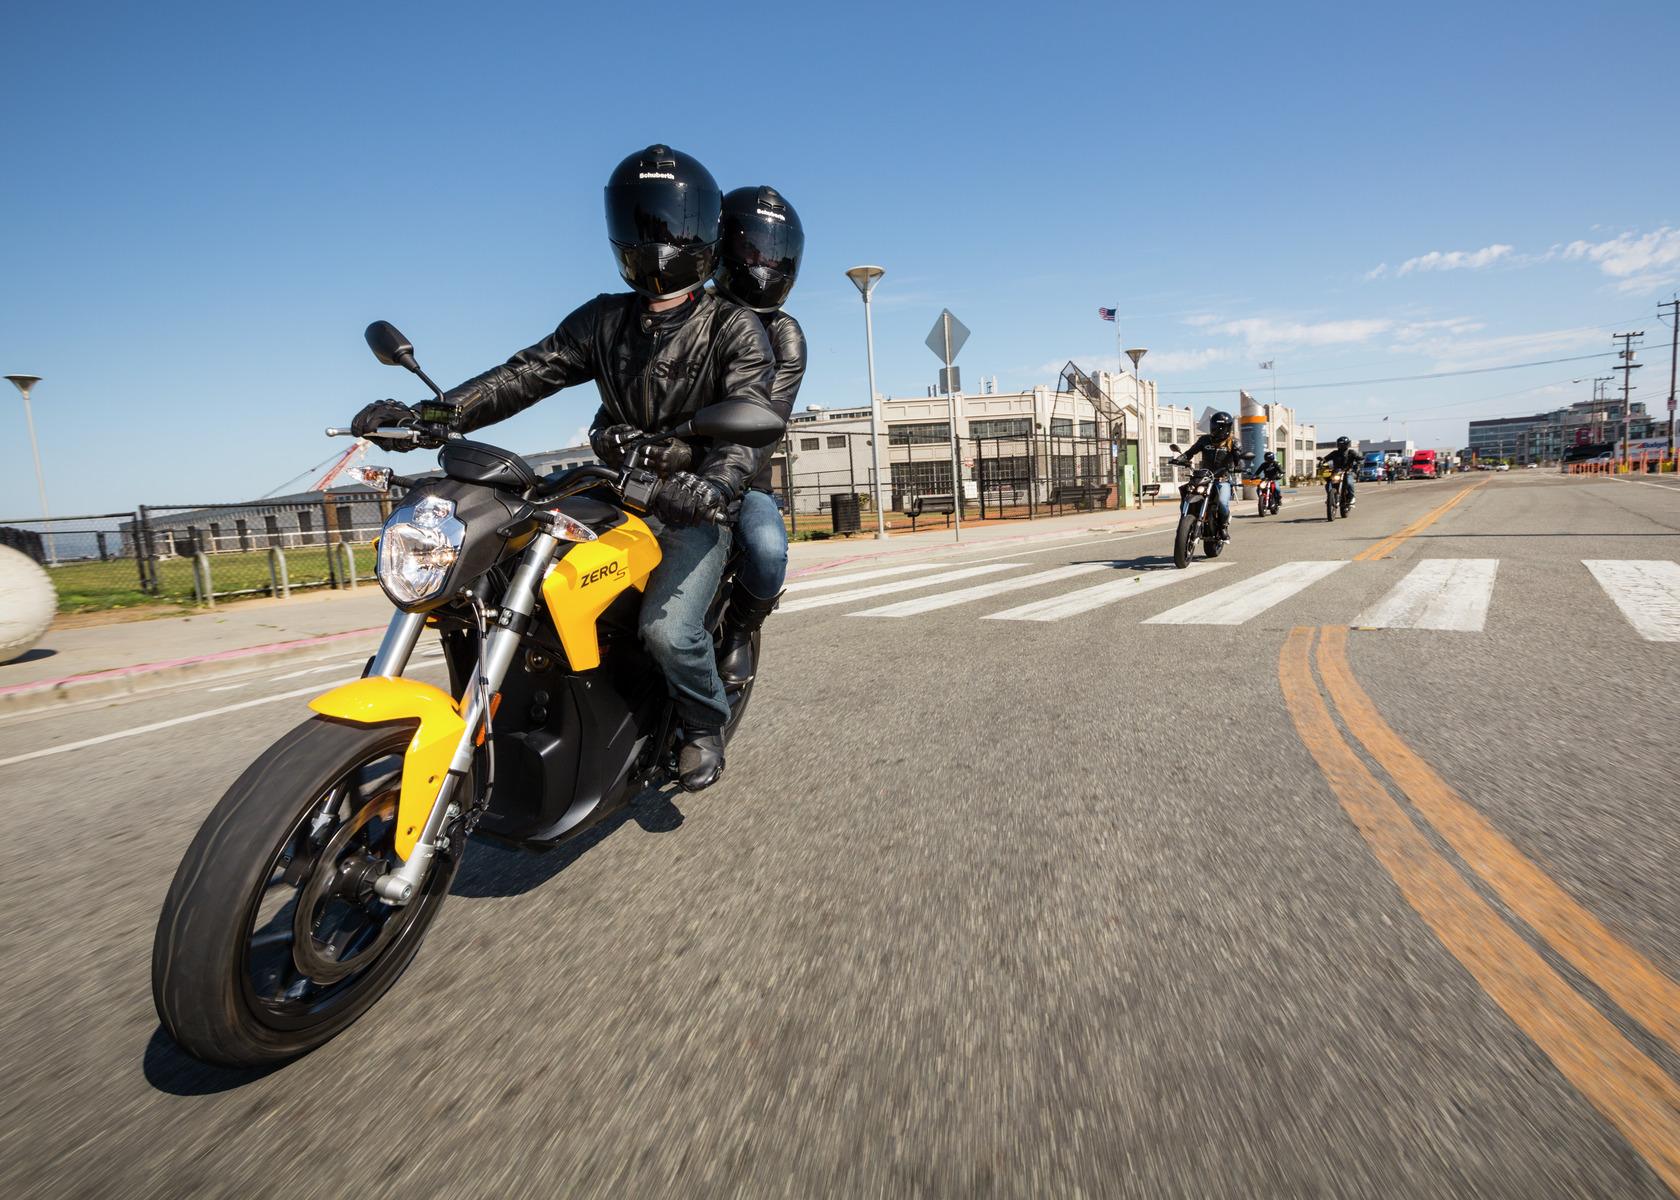 תוספת אופנועי זירו 2018 – שיפורים קטנים בהמתנה למהפיכה - מוטו UF-14